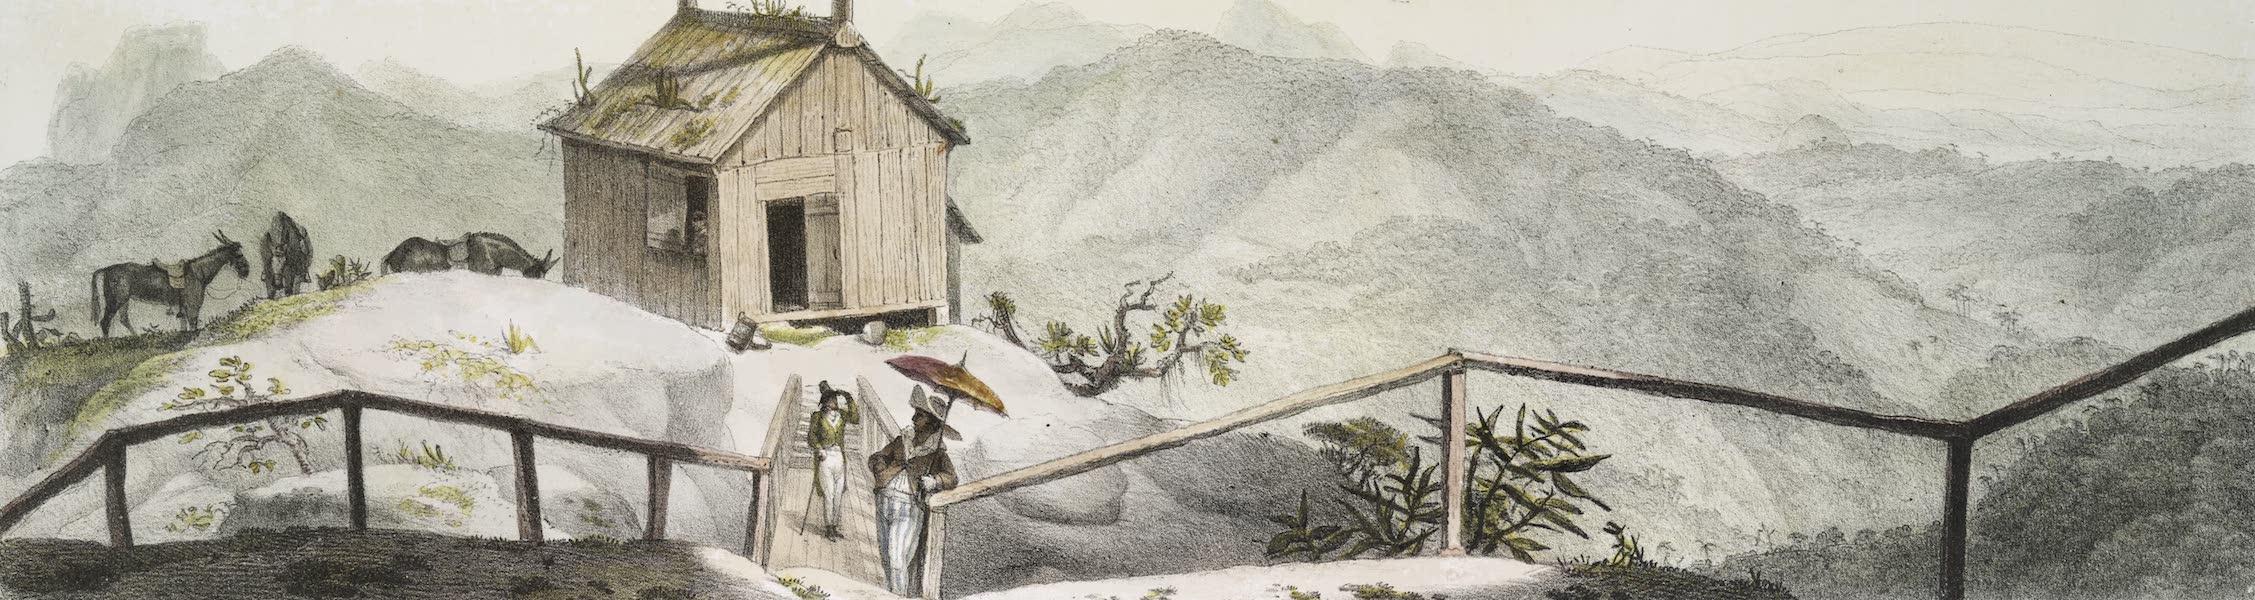 Voyage Pittoresque et Historique au Bresil Vol. 3 - Panorama de l'intérieur de la Baie de Rio de Janeiro [I] (1839)